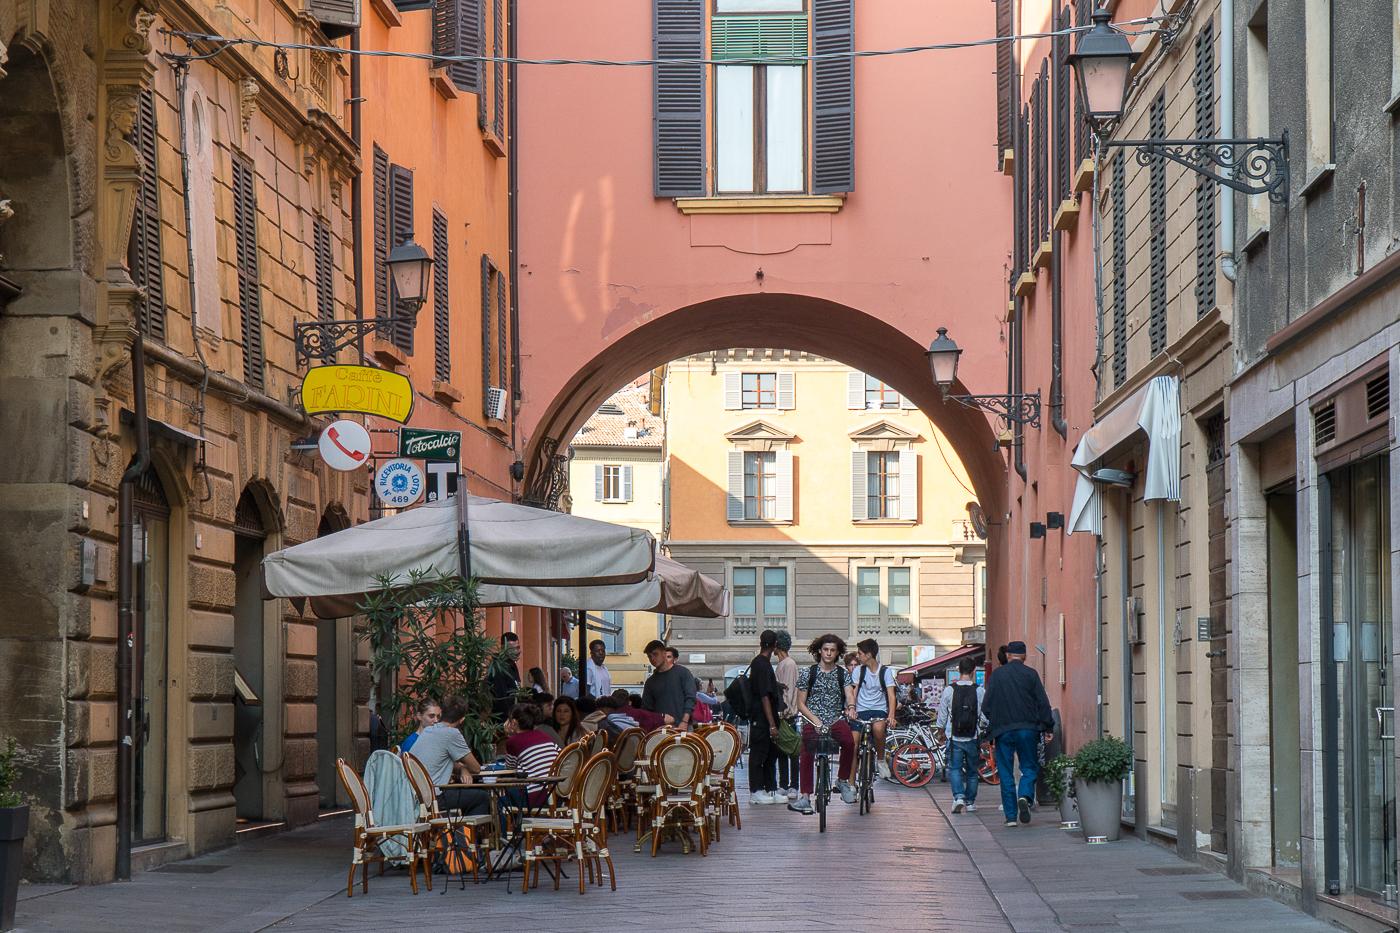 Arcade dans une ruelle de Reggio Emilia